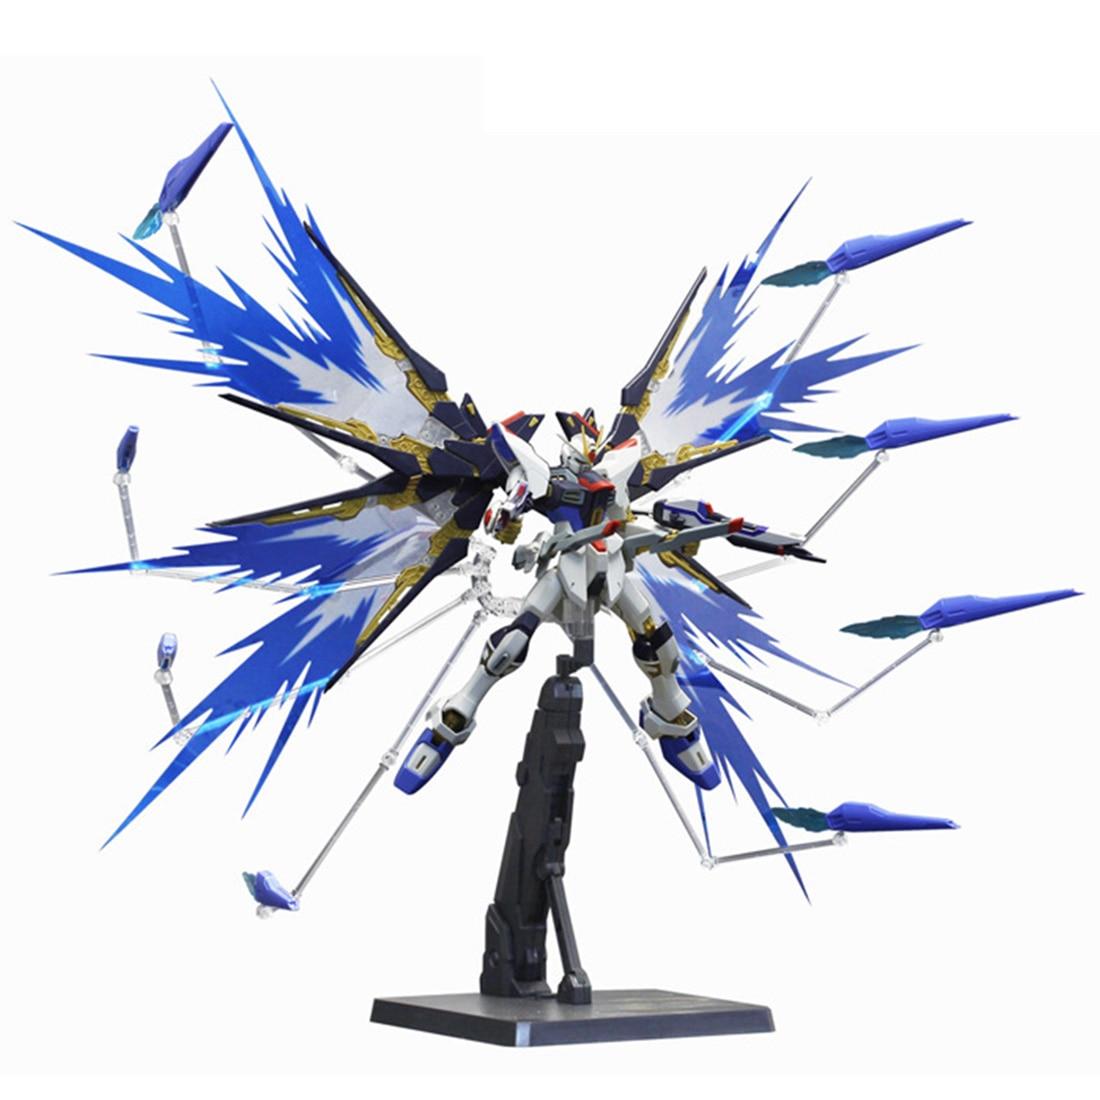 Juego de Base de efecto de ala de pieza modificada para modelo de escala Gundam 1/100 figuras de acción y Juguete